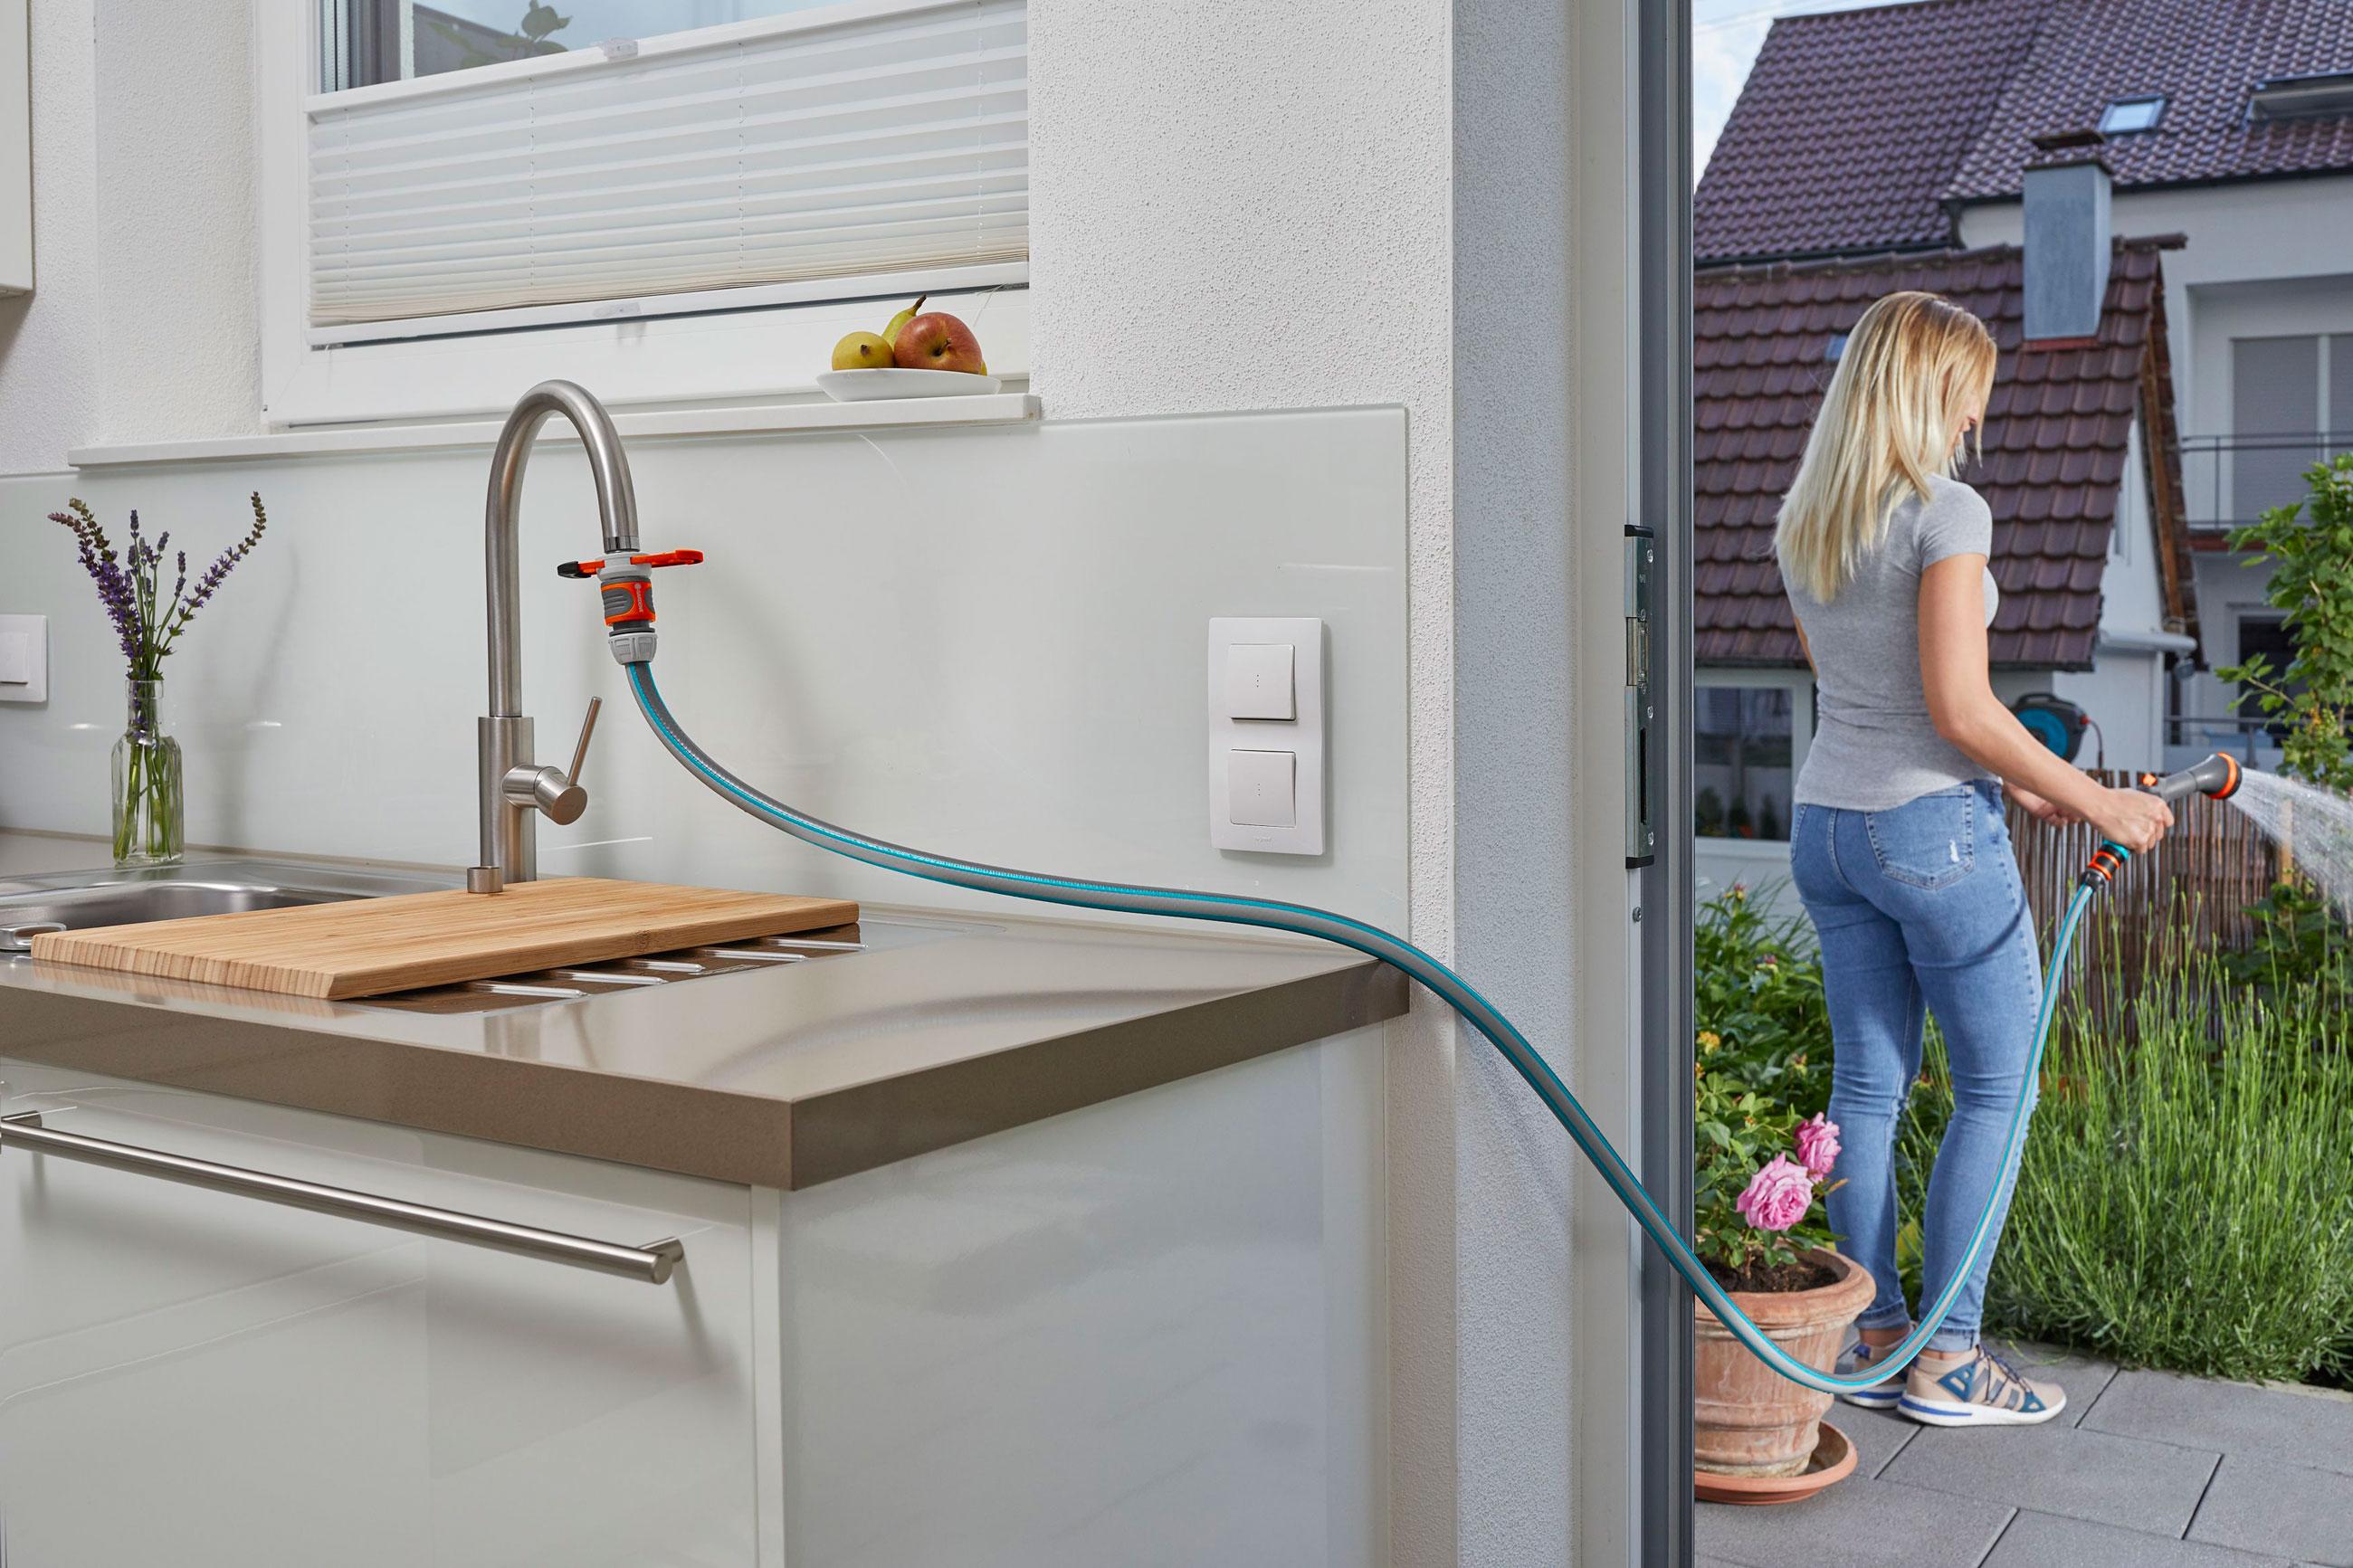 GARDENA Adapter für Indoor-Wasserhähne 08187-20 Bild 6